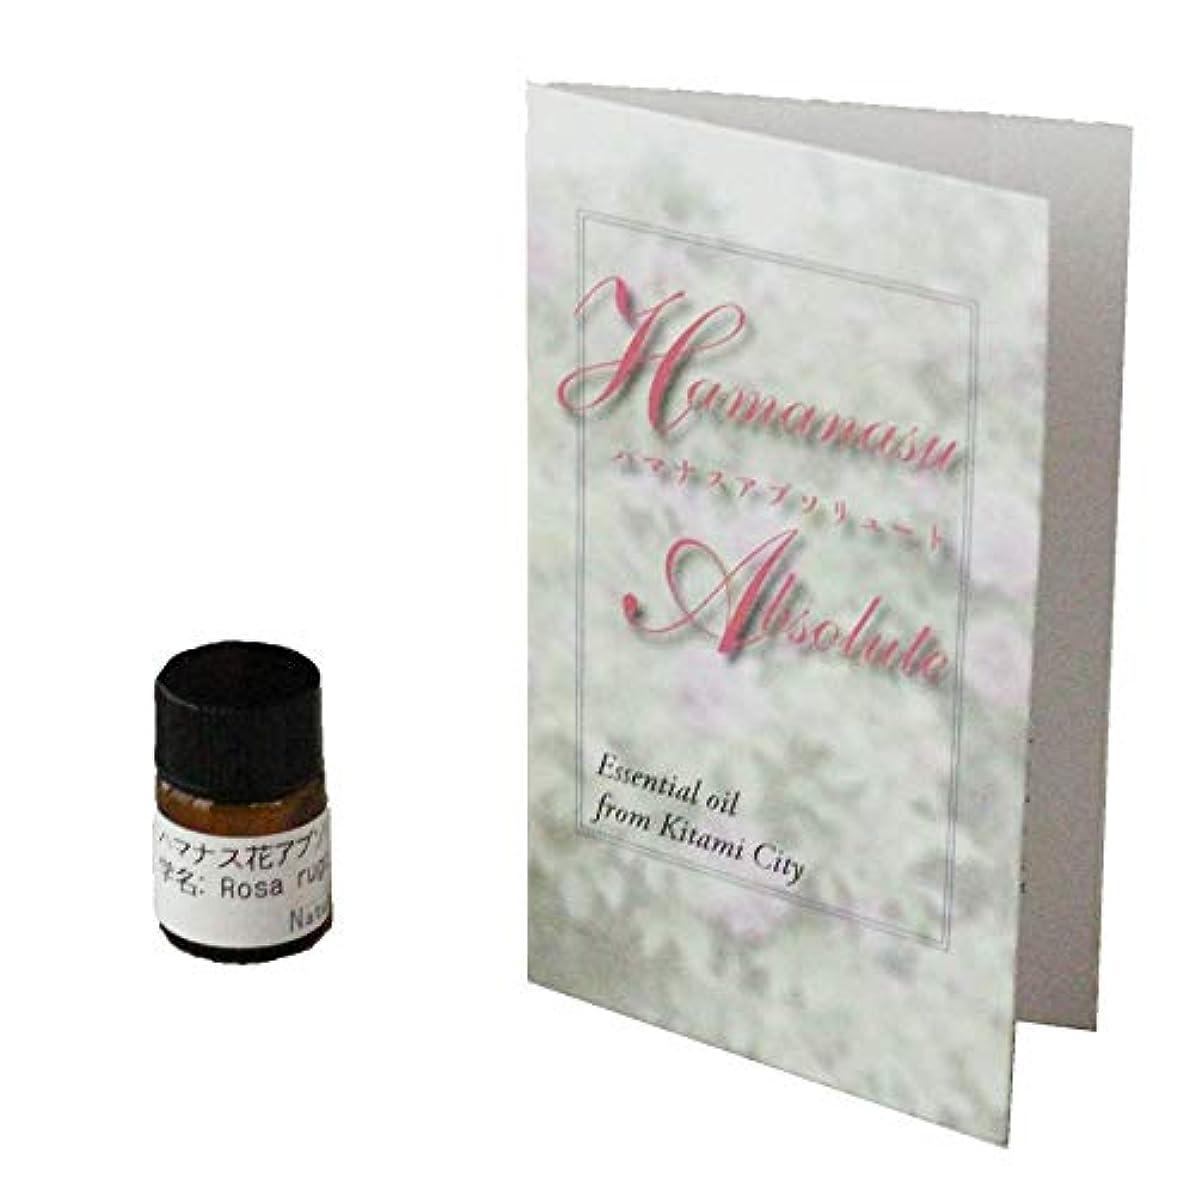 芝生解体する効率的にハマナス精油/Rosa rugosa/世界初!北海道産原種イングリッシュローズのエッセンシャルオイル/天然精油